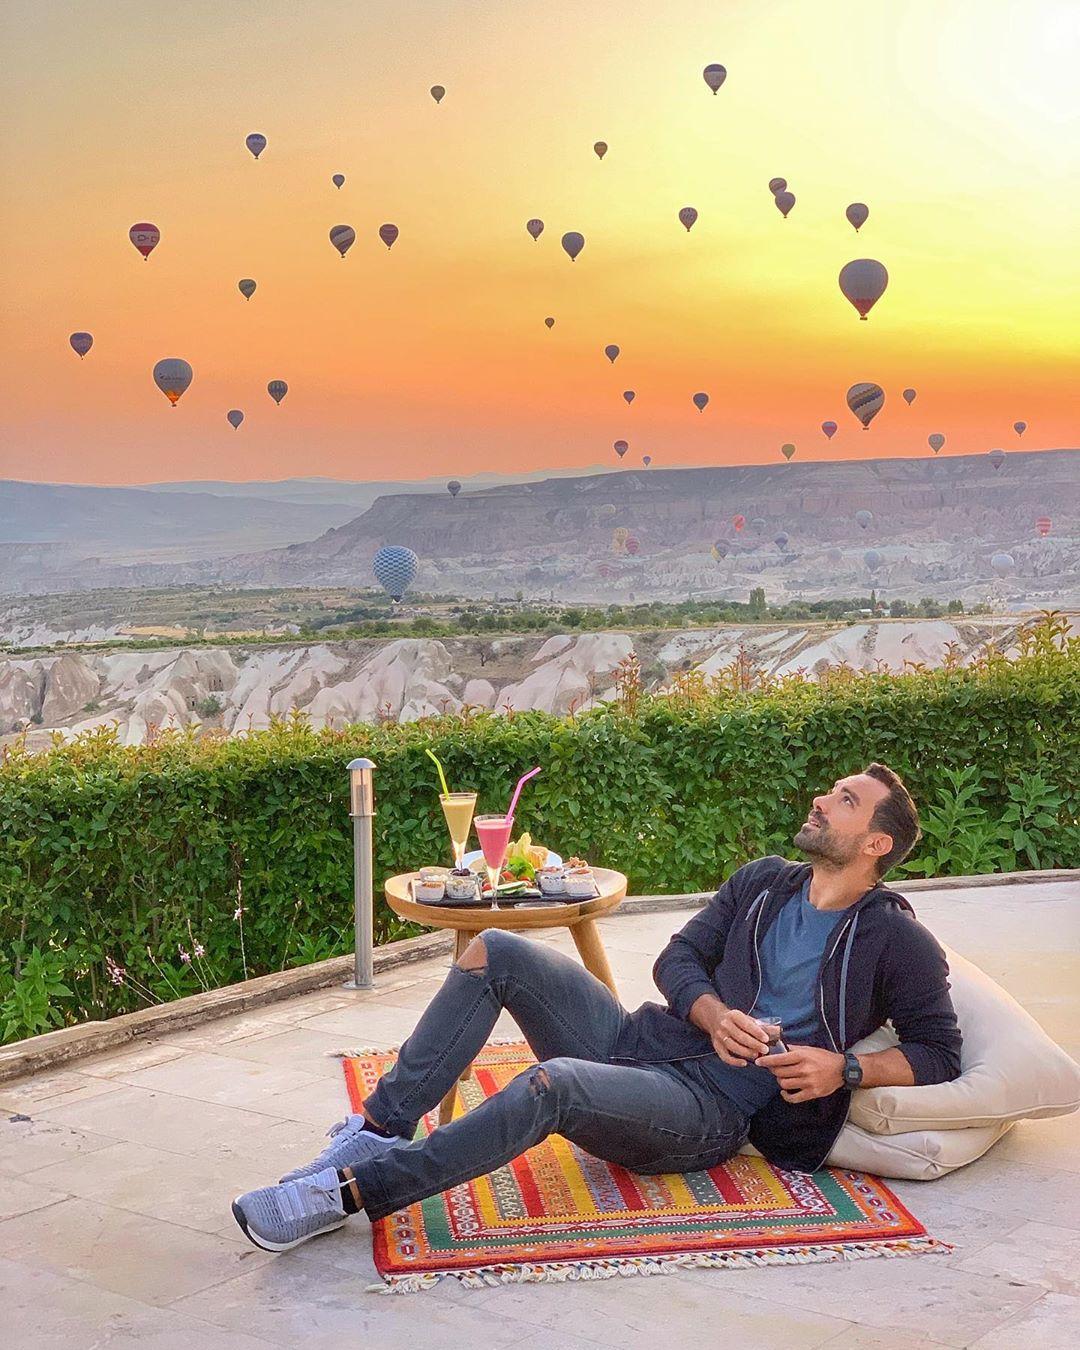 Σάκης Τανιμανίδης - Χριστίνα Μπόμπα: Όλα όσα έκαναν στο μαγικό ταξίδι τους στην Καππαδοκία! [pics,vid]